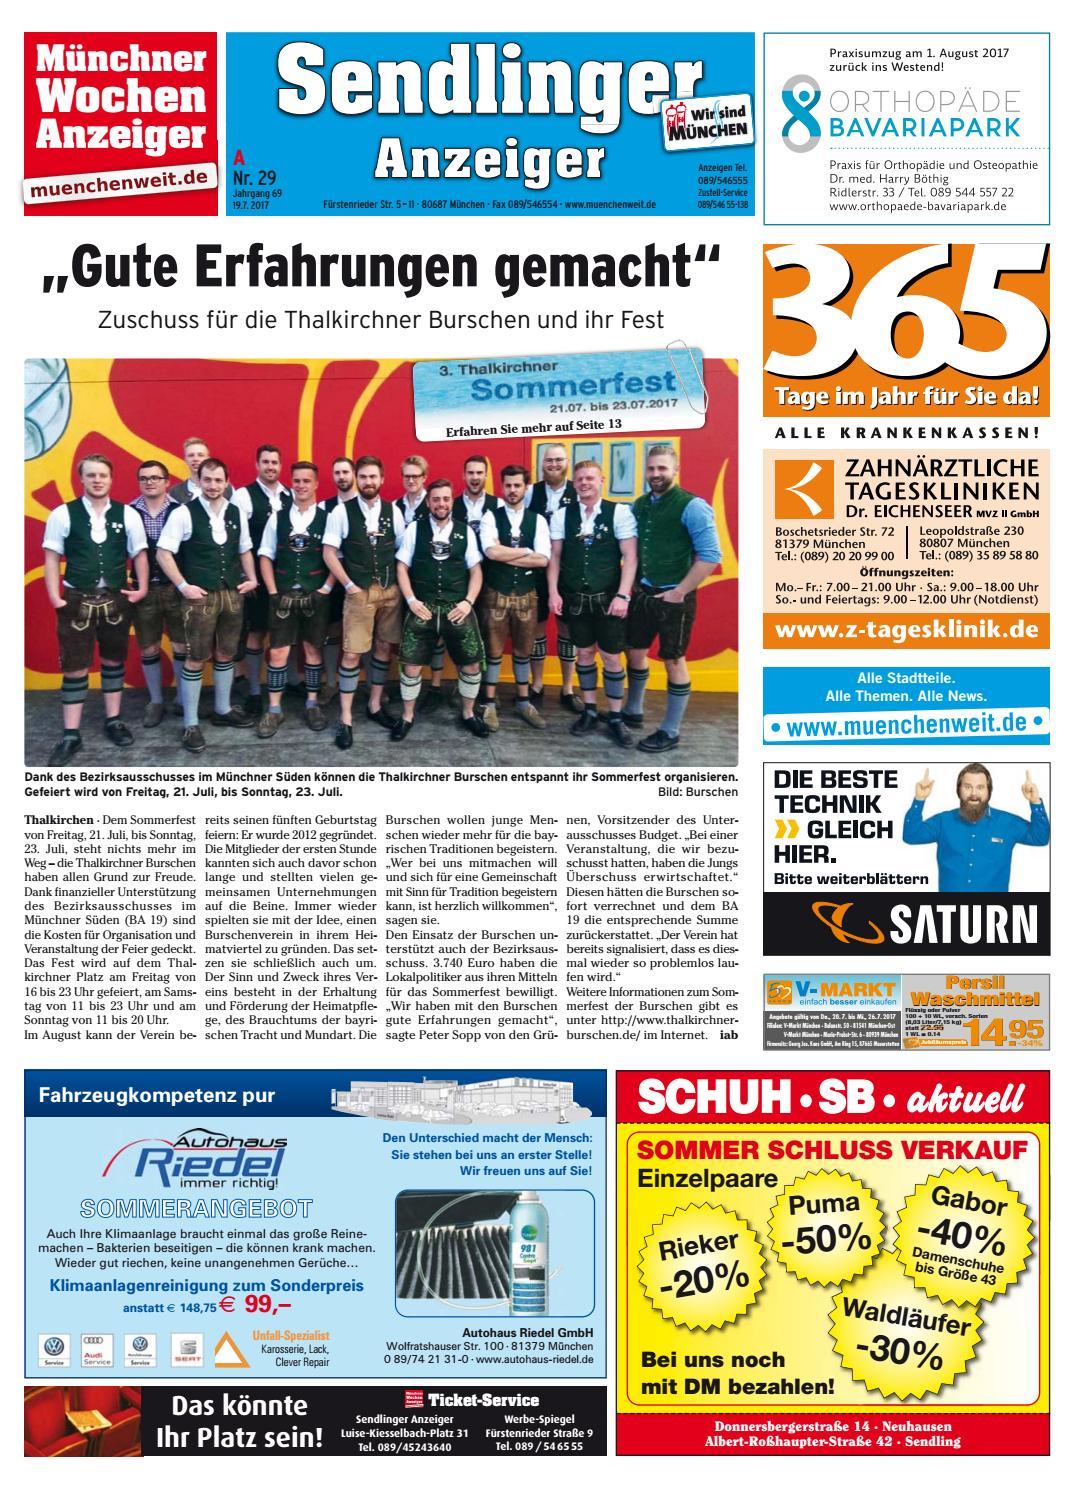 KW 29 2017 by Wochenanzeiger Medien GmbH issuu